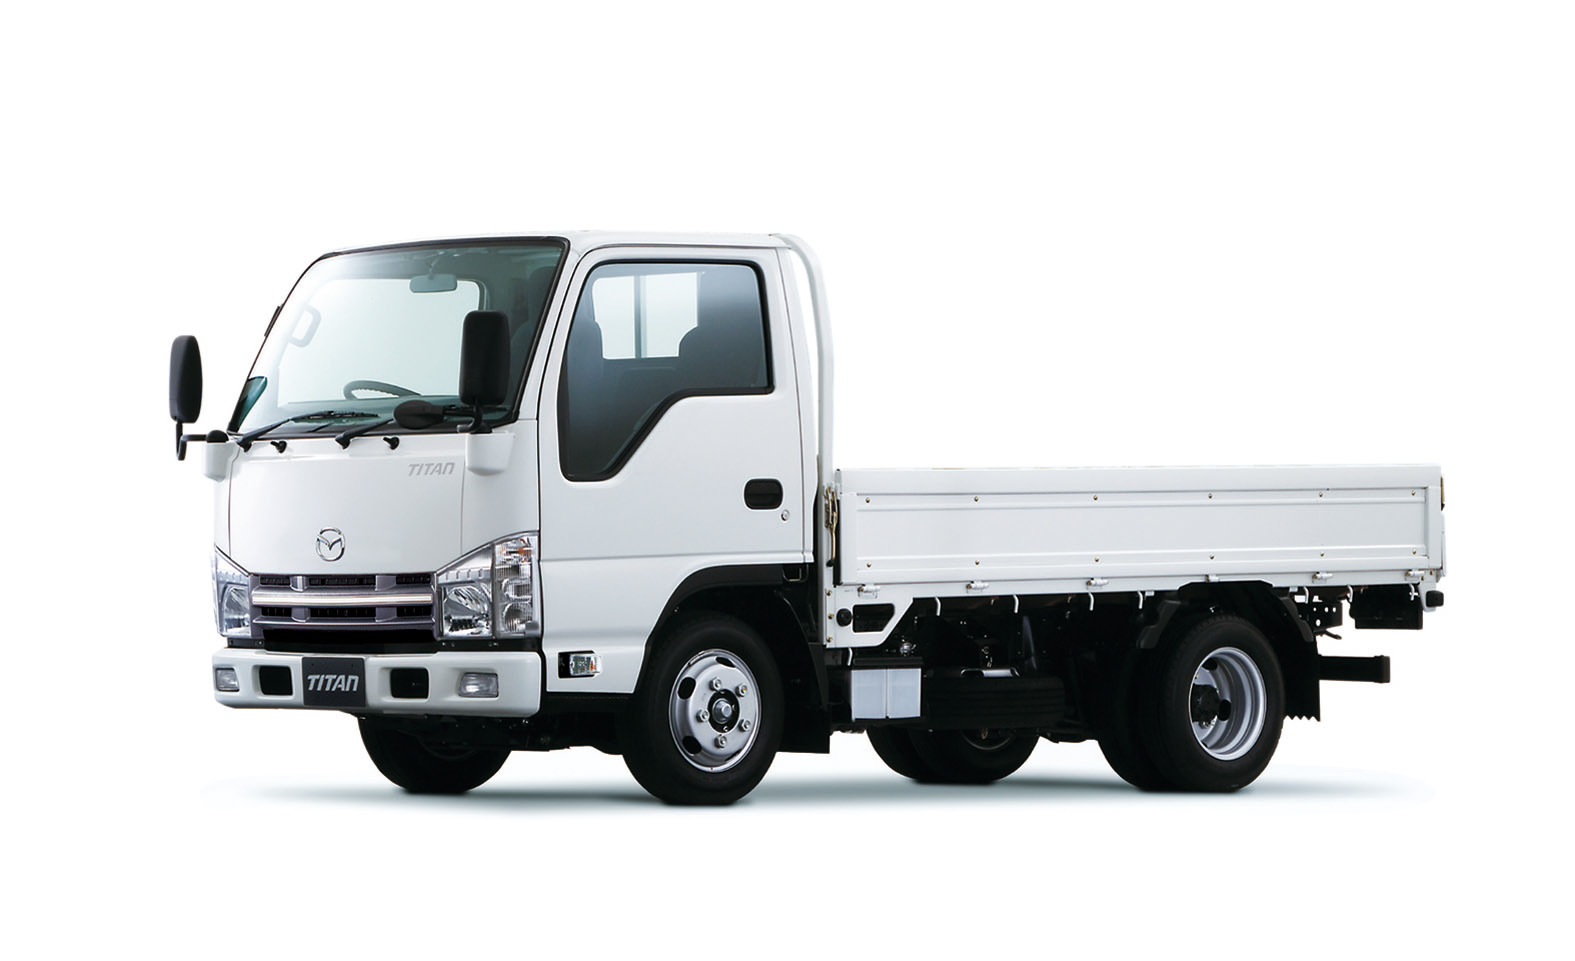 Mazda Titan Truck Facelifted Autoevolution